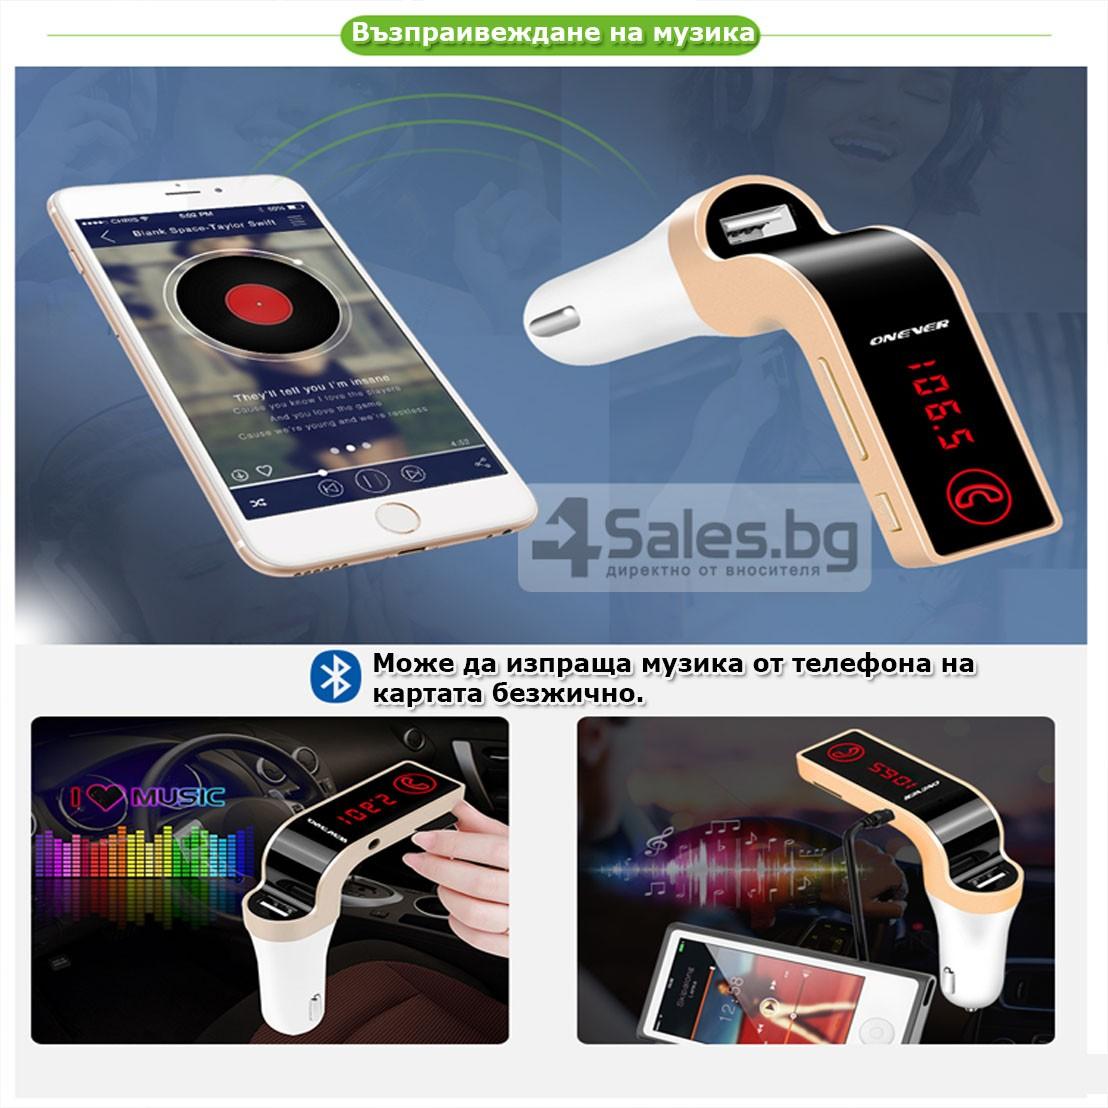 Фм трансмитер за кола 4 в 1 G7 + AUX ( FM, MP3 player, USB hands free) HF3 10